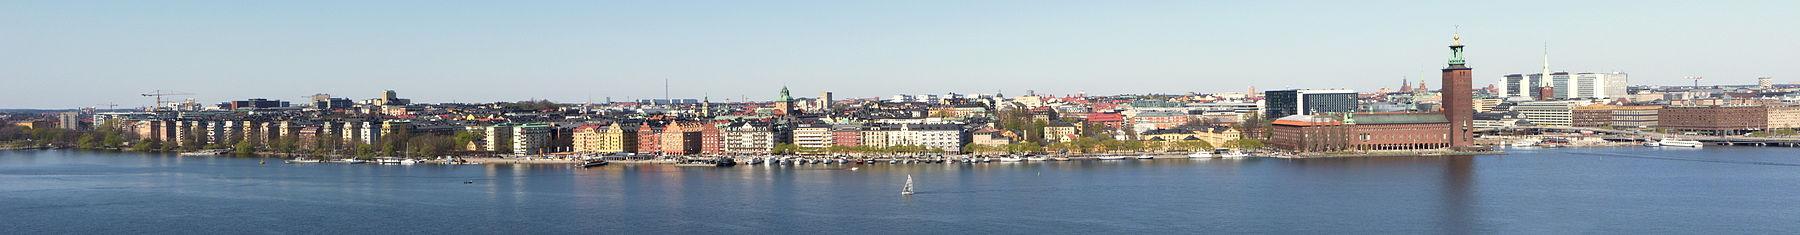 Panorama over det sydlige Kungsholmen og en del af Nedre Norrmalm, vy fra Skinnarviksberget i april 2011.